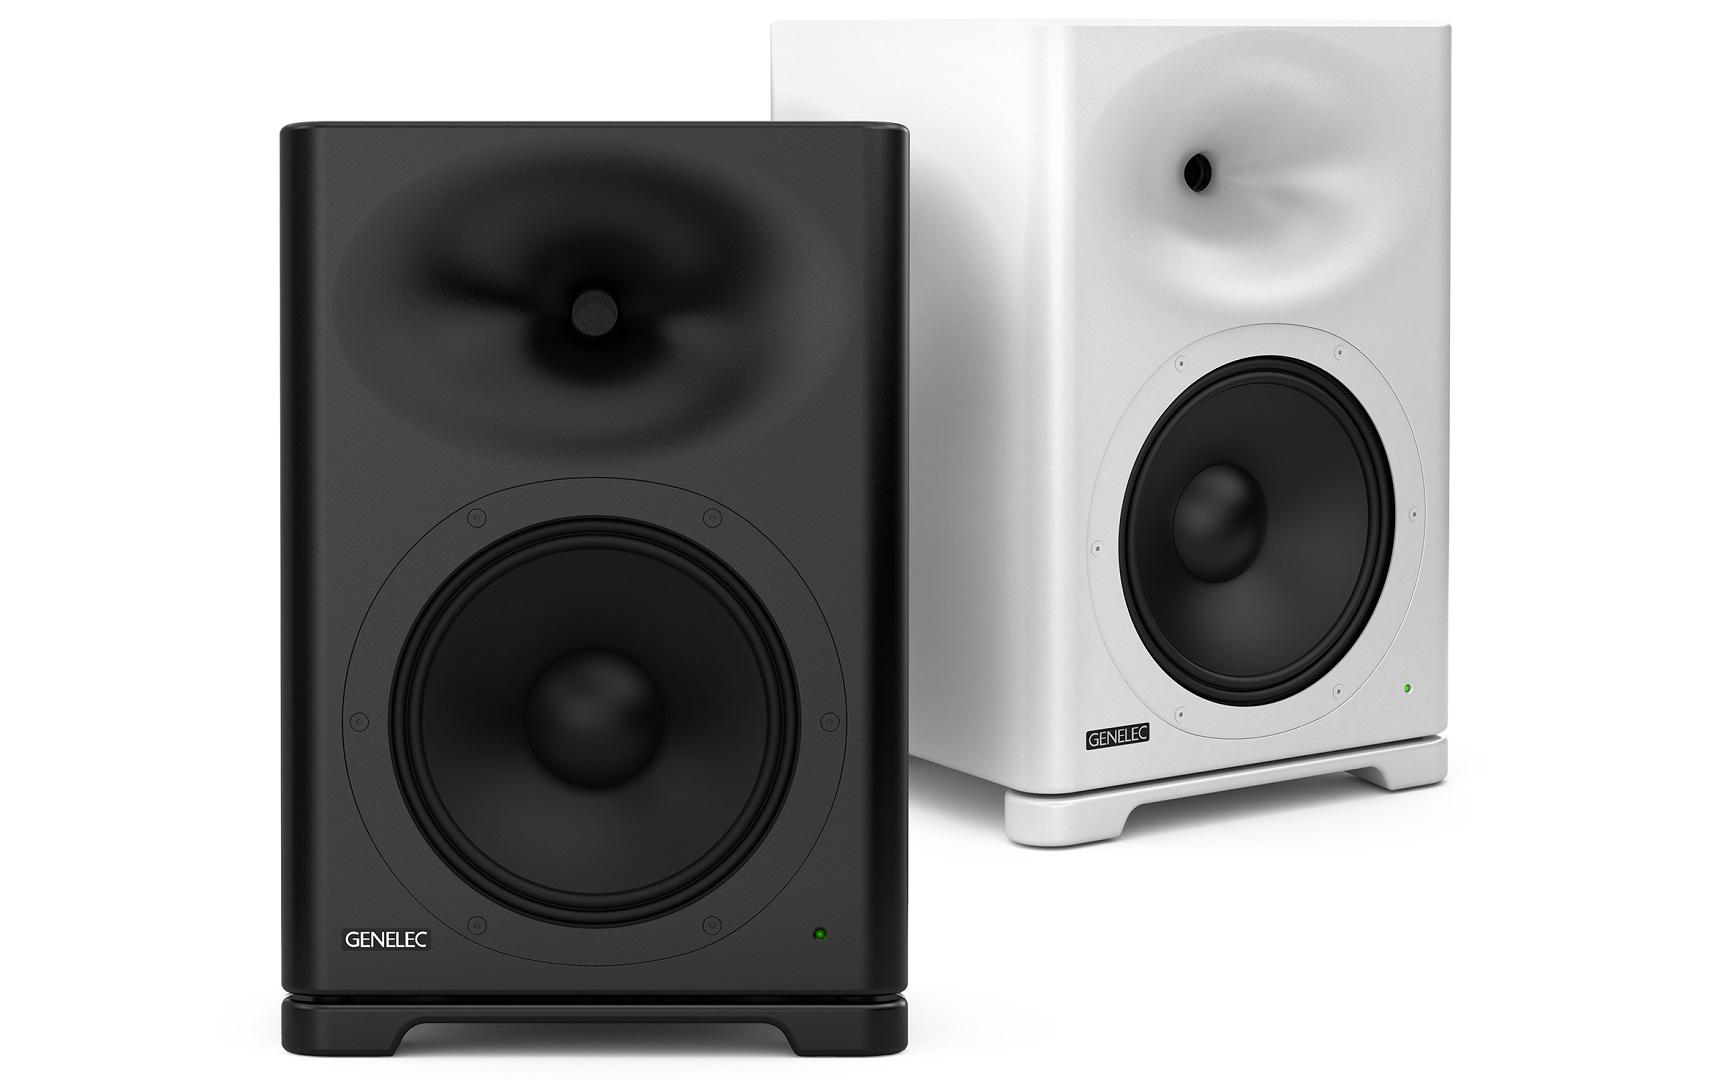 Genelec  itt az új nagy hangnyomású monitor hangsugárzó és mélynyomó ... 1e9229e164